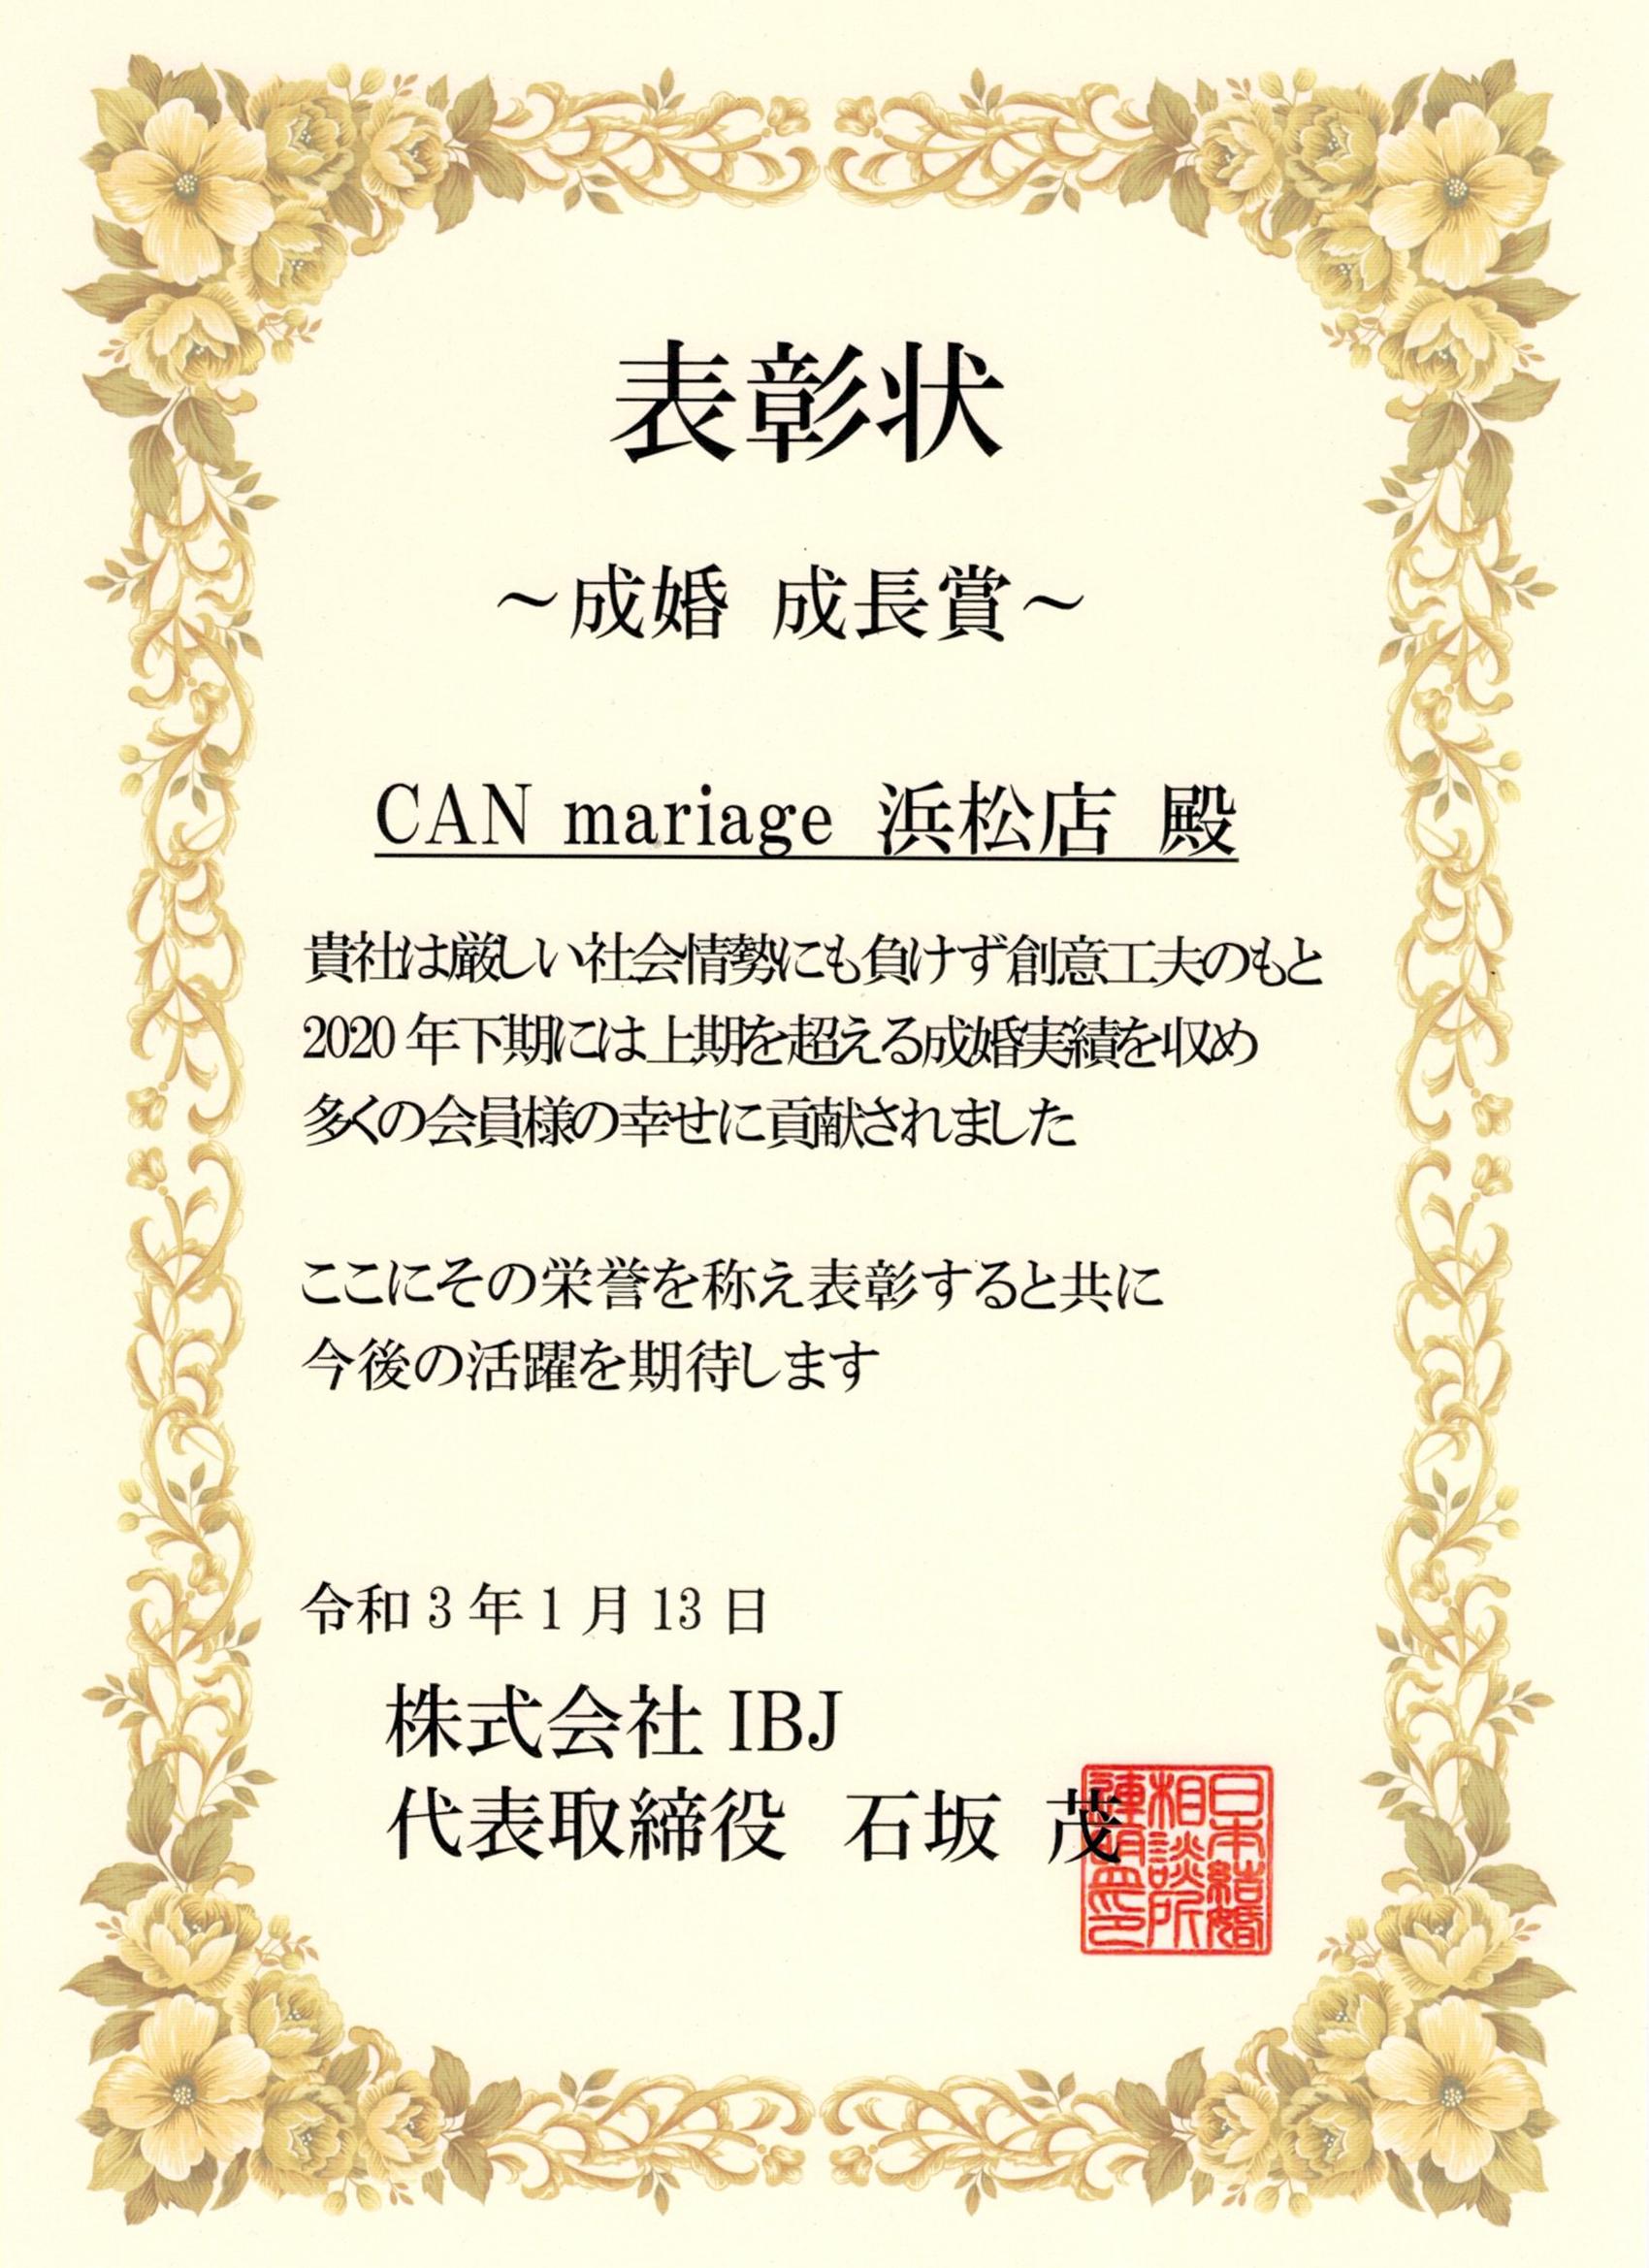 静岡浜松店 IBJ 2020年下半期 成婚成長賞を受賞いたしました。